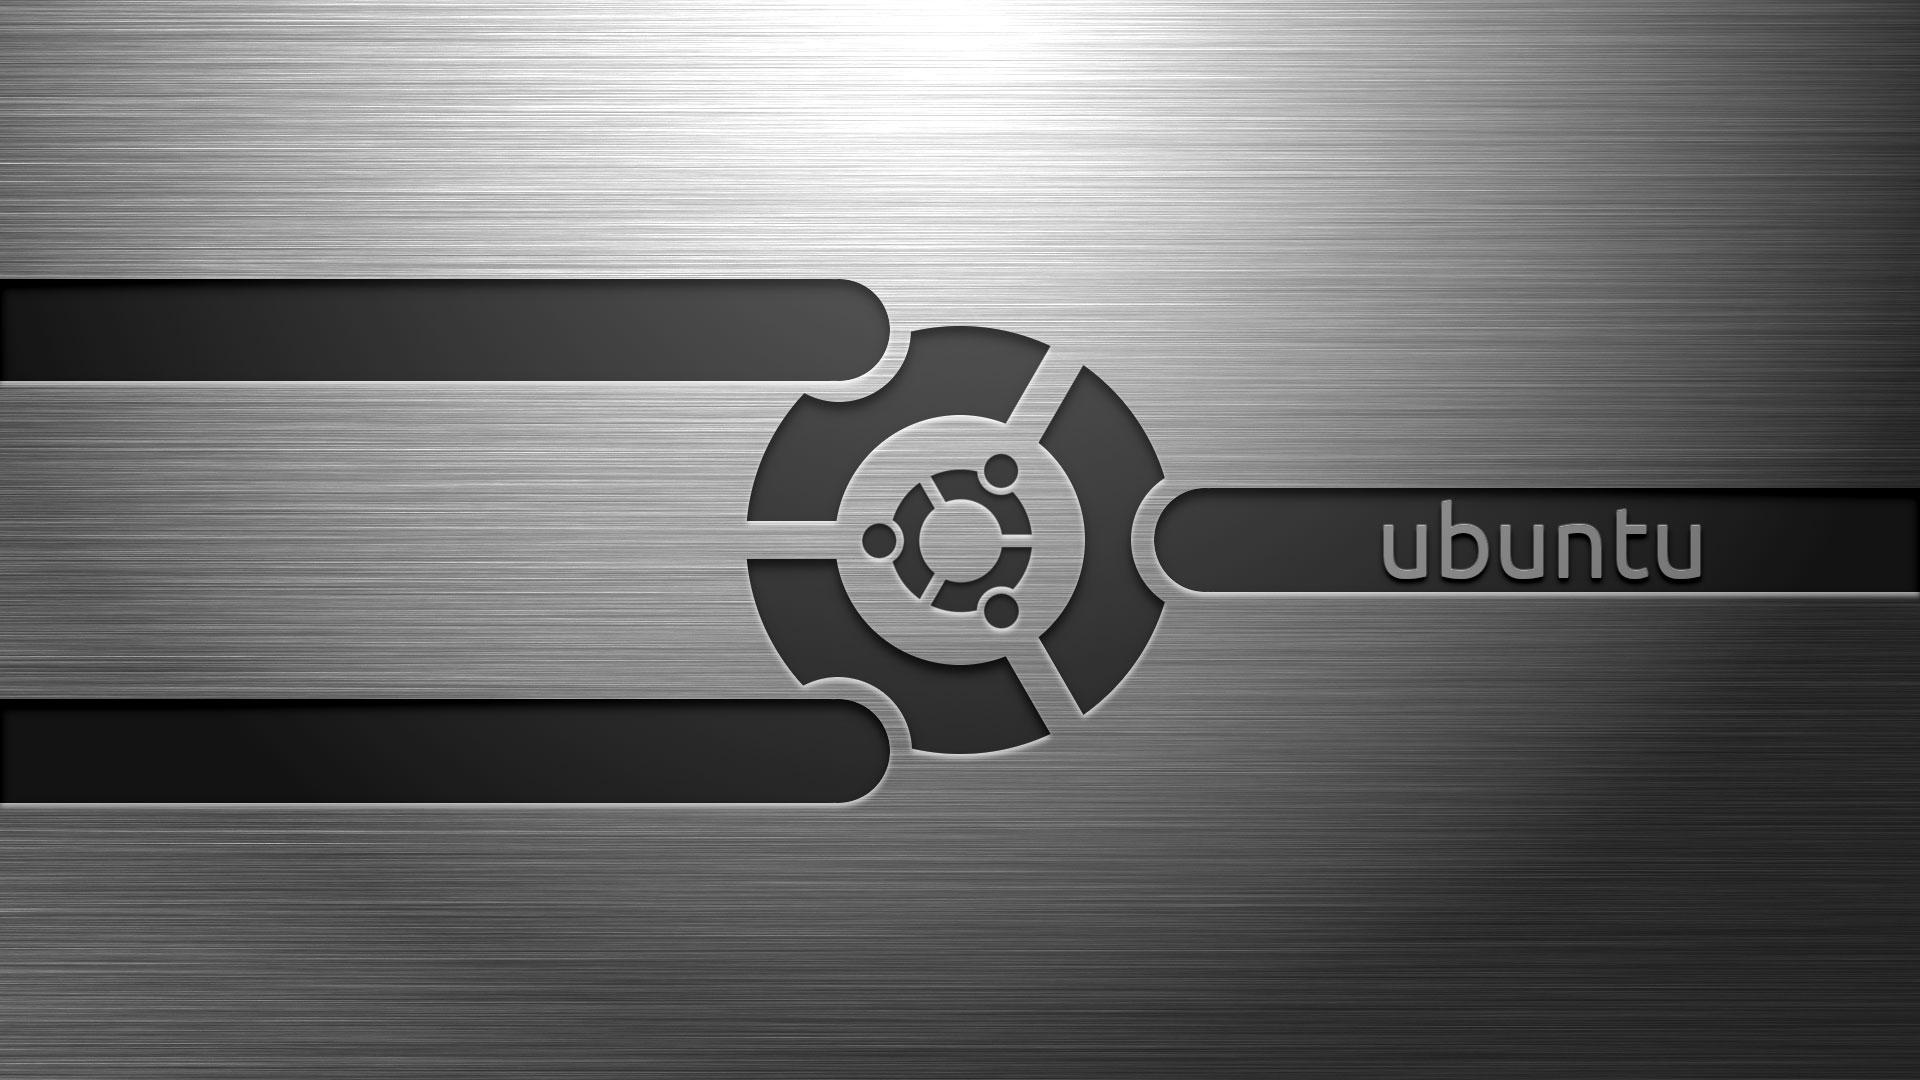 Best Gray Ubuntu Wallpaper Desktop 6909 Wallpaper High Resolution 1920x1080